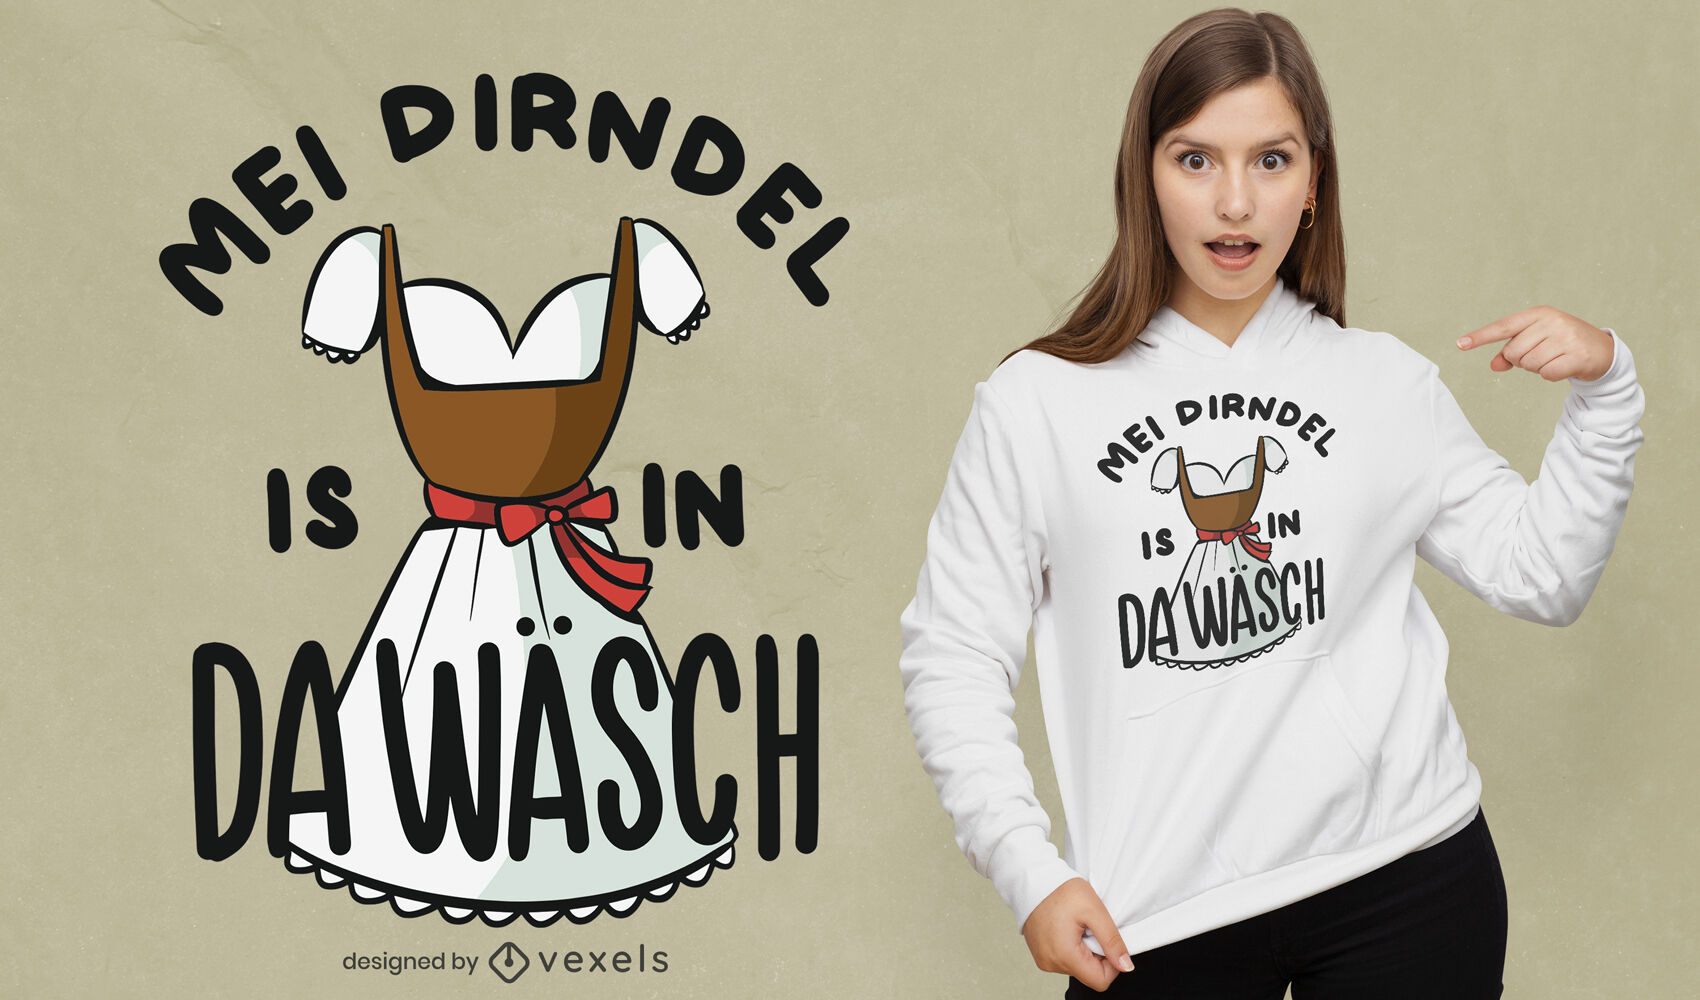 Dirndel deutsches Zitat T-Shirt Design